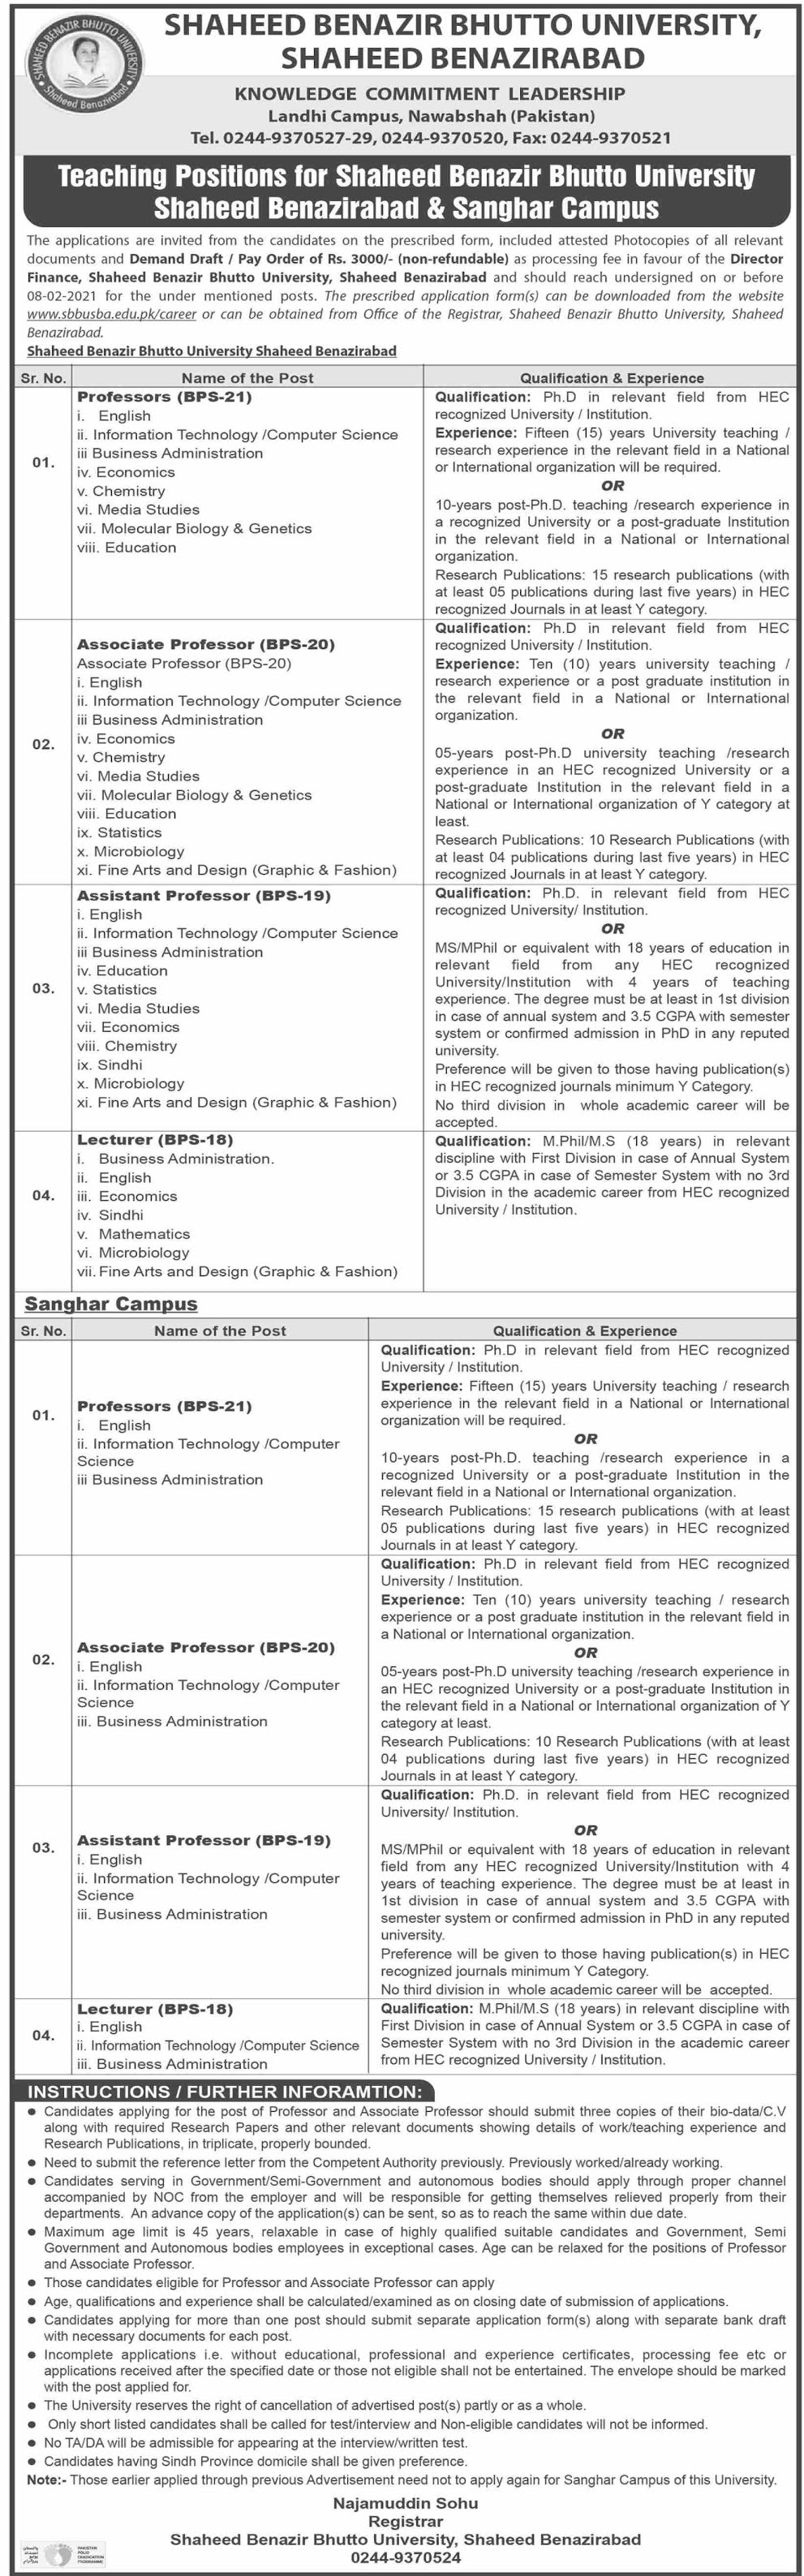 Shaheed Benazir Bhutto University Jobs 2021 - Shaheed Benazirabad Jobs 2021 - Download SBBUSBA Jobs 2021 Application Form - www.sbbusba.edu.pk/career